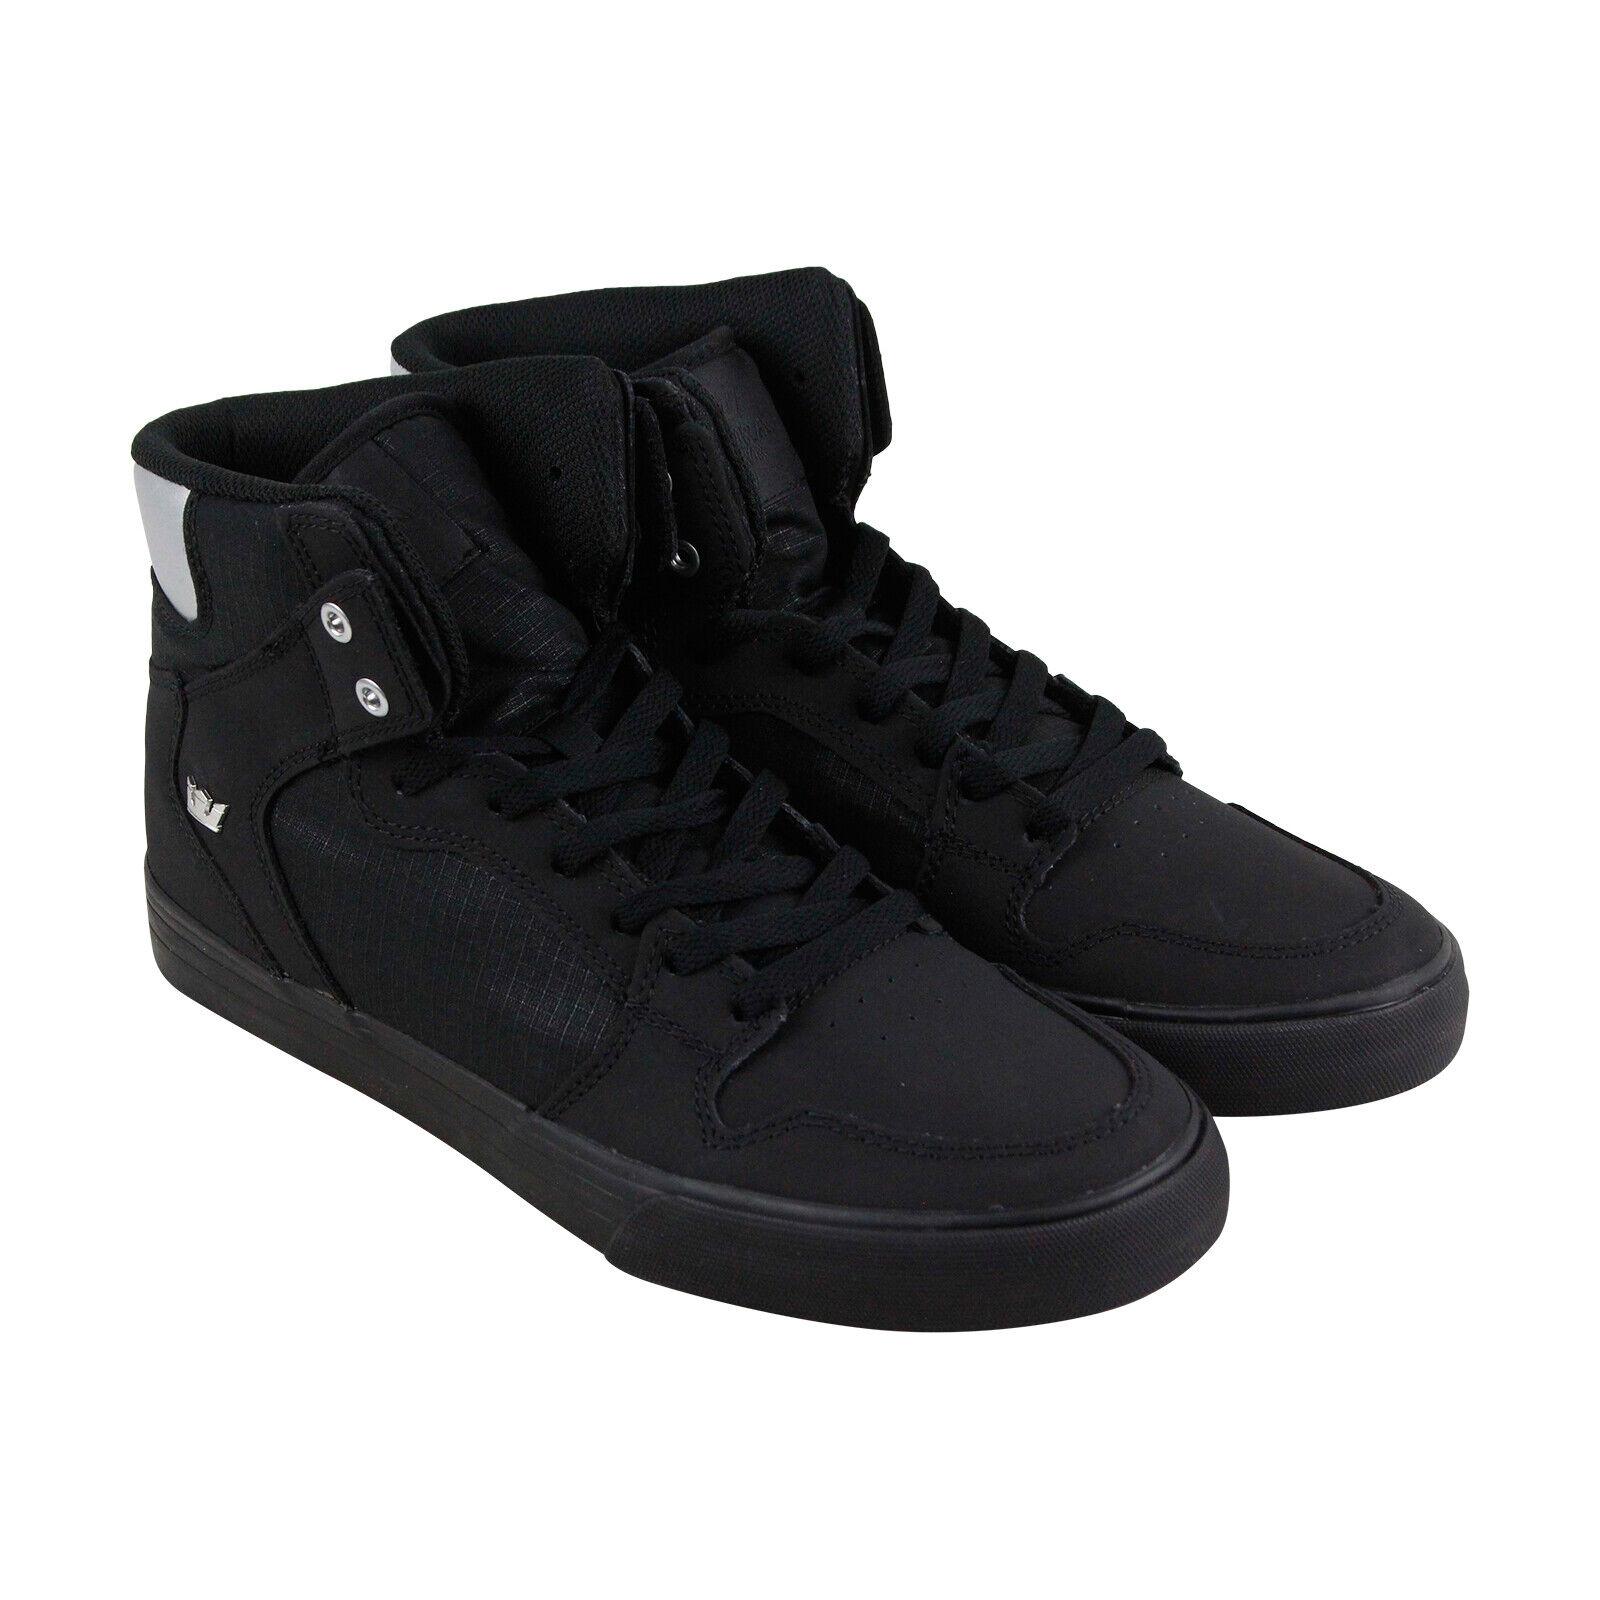 Supra Vaider Para Hombre Negro Nubuck Zapatos Tenis altas con cordones